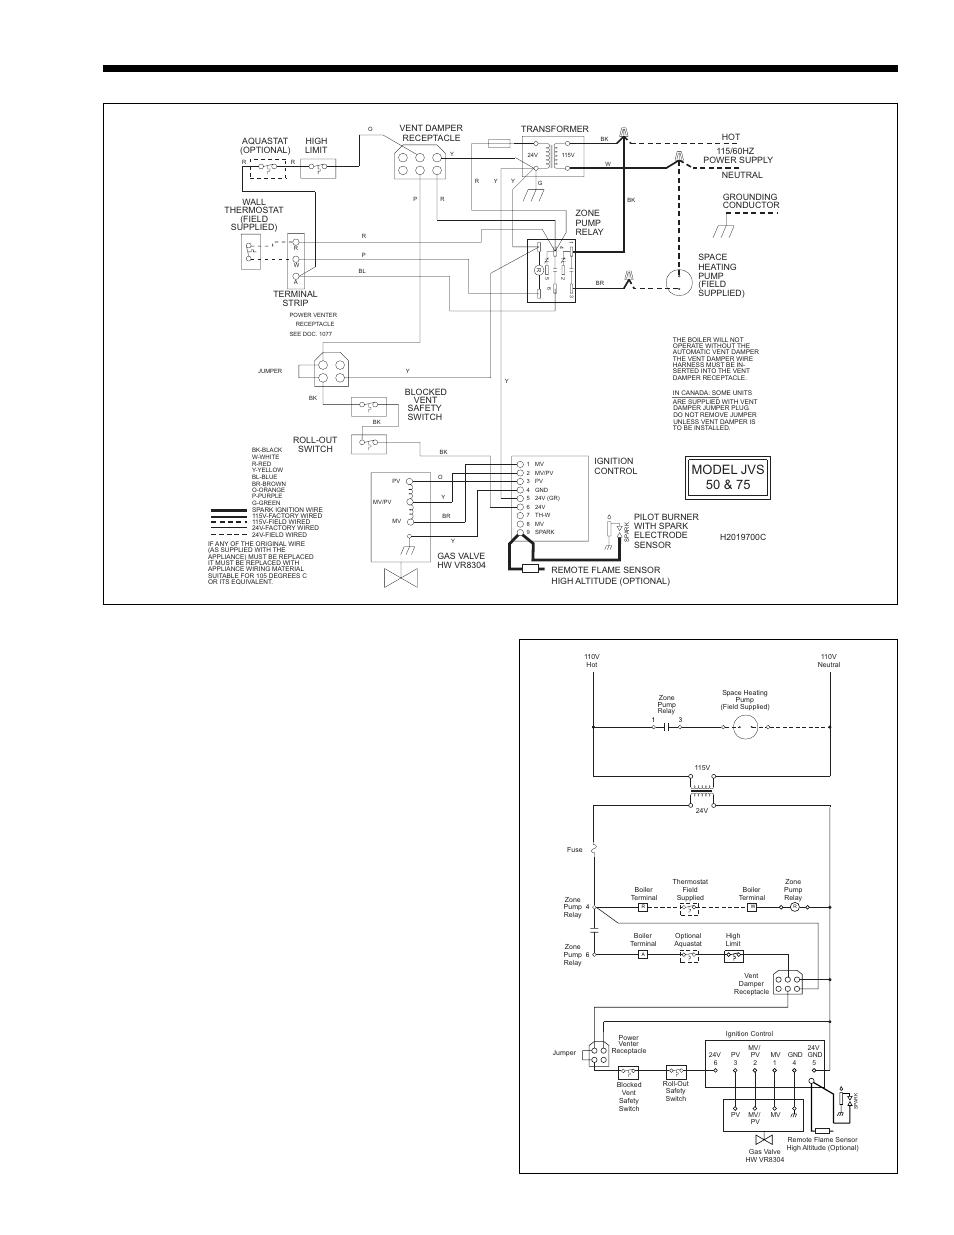 Nordyne E2eh 015ha Wiring Diagram – Nordyne Furnace Wiring Diagram